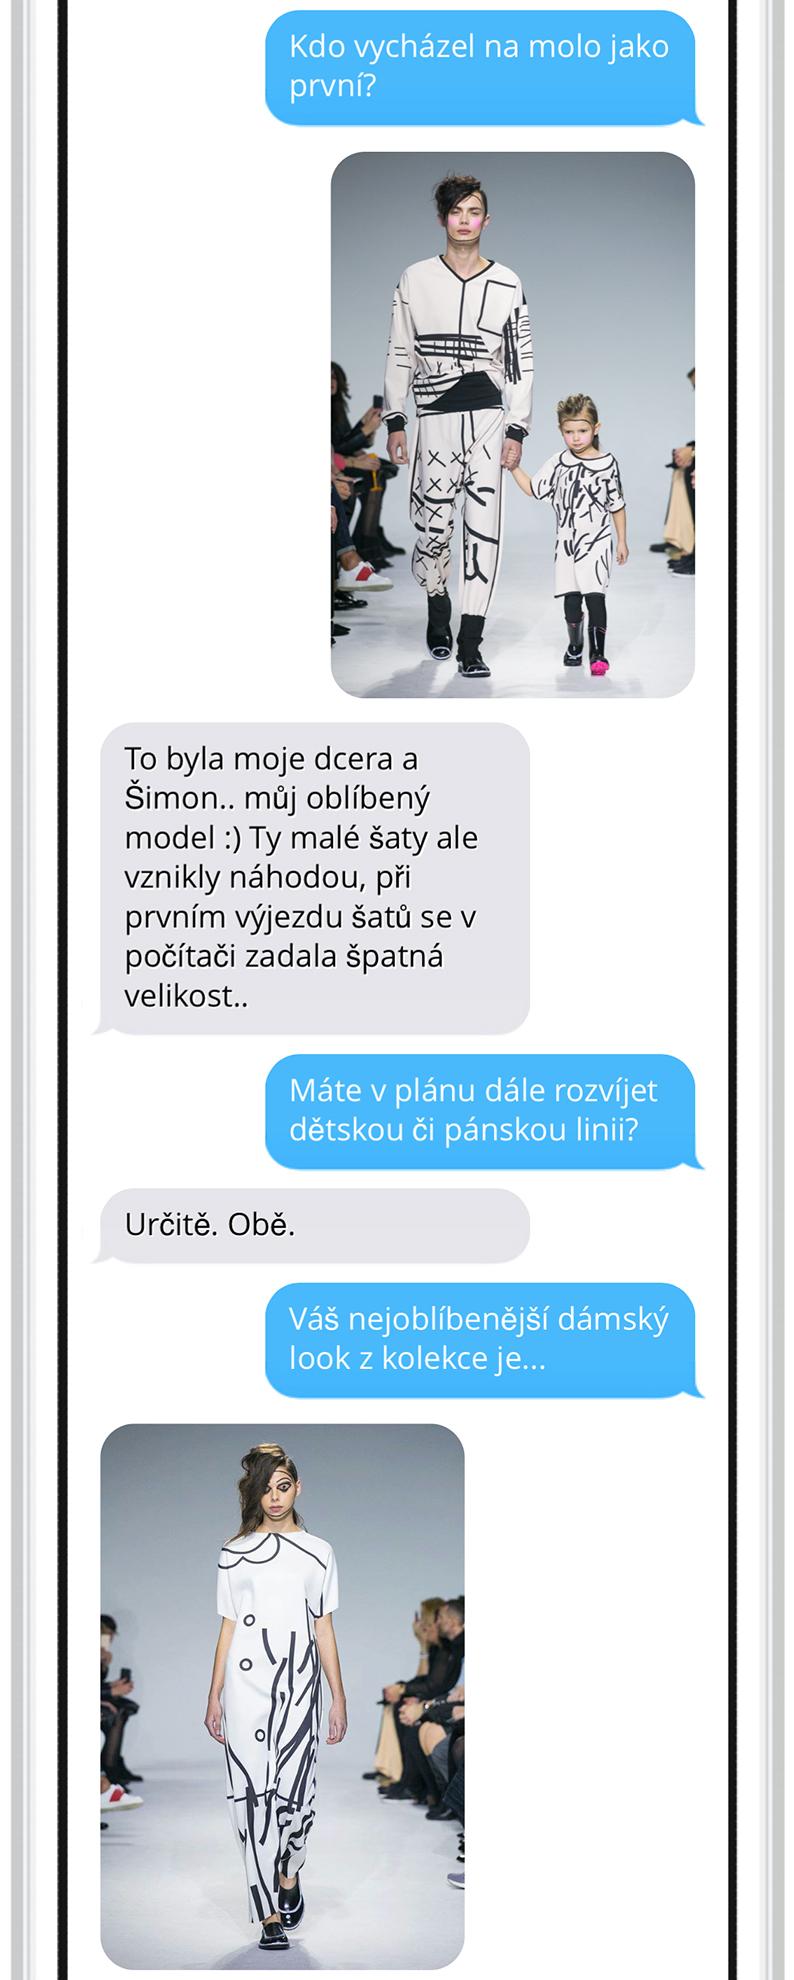 iRozhovor3